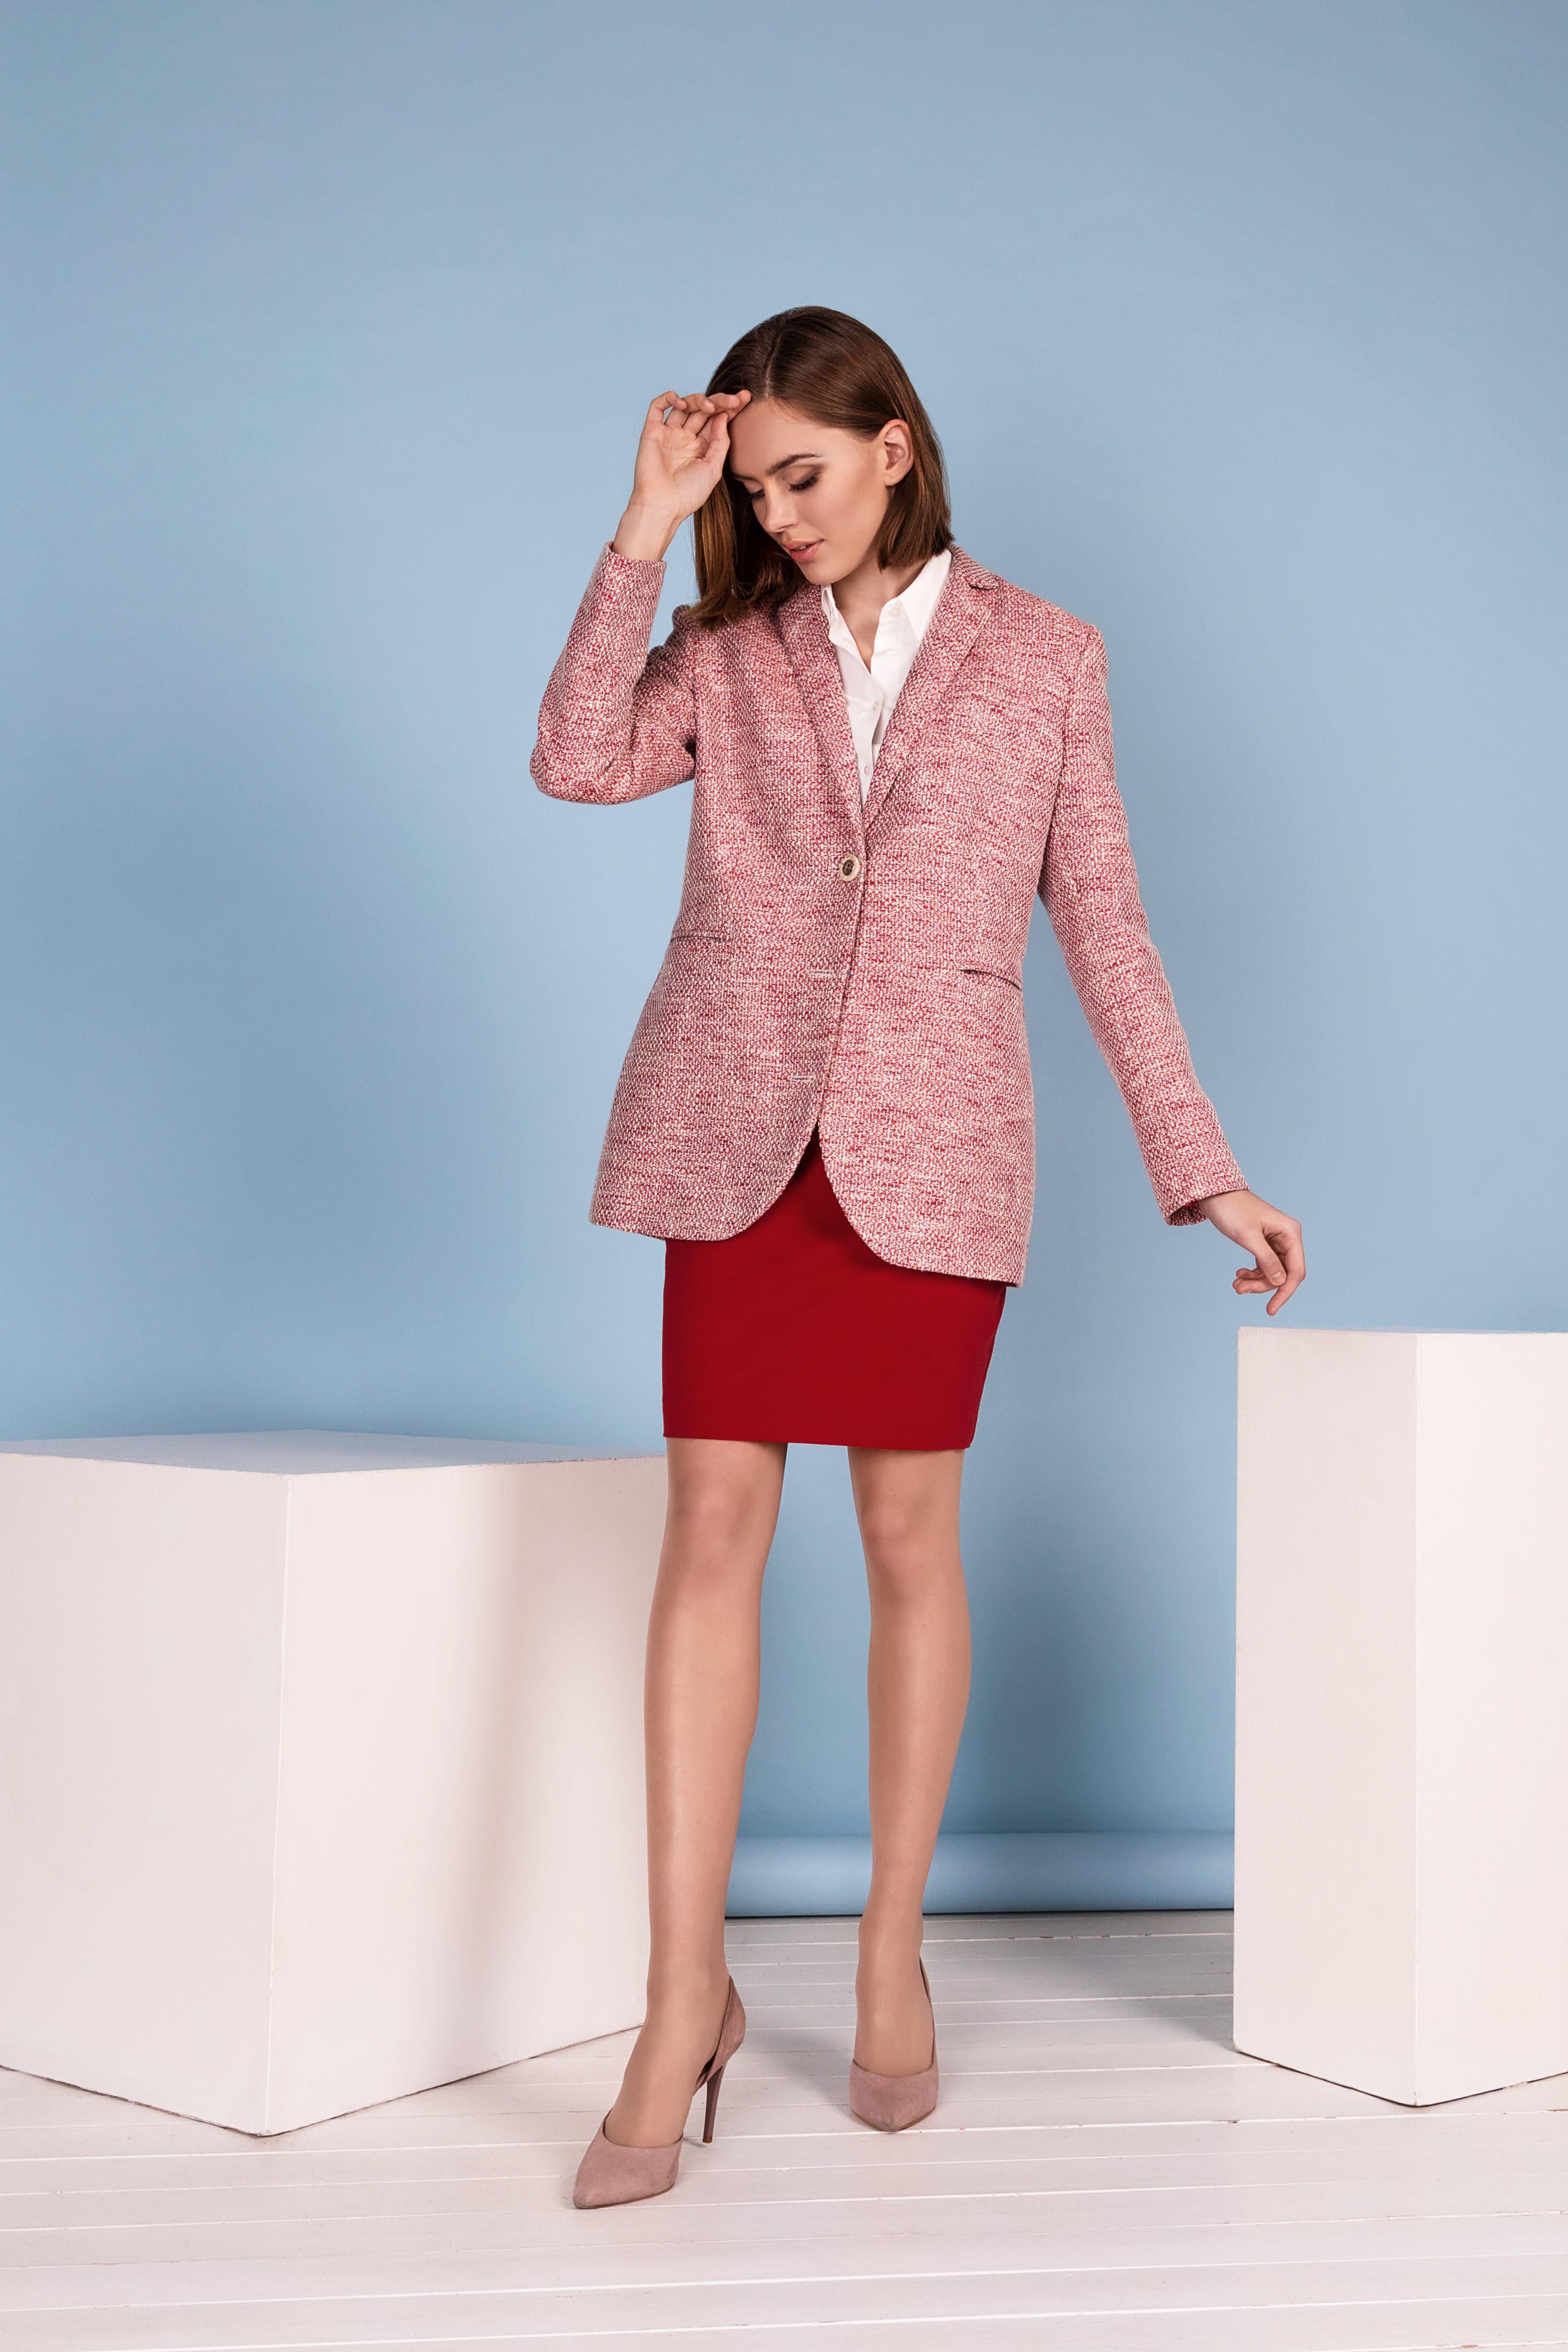 klasikiniai išskirtiniai moteriški kostiumėliai